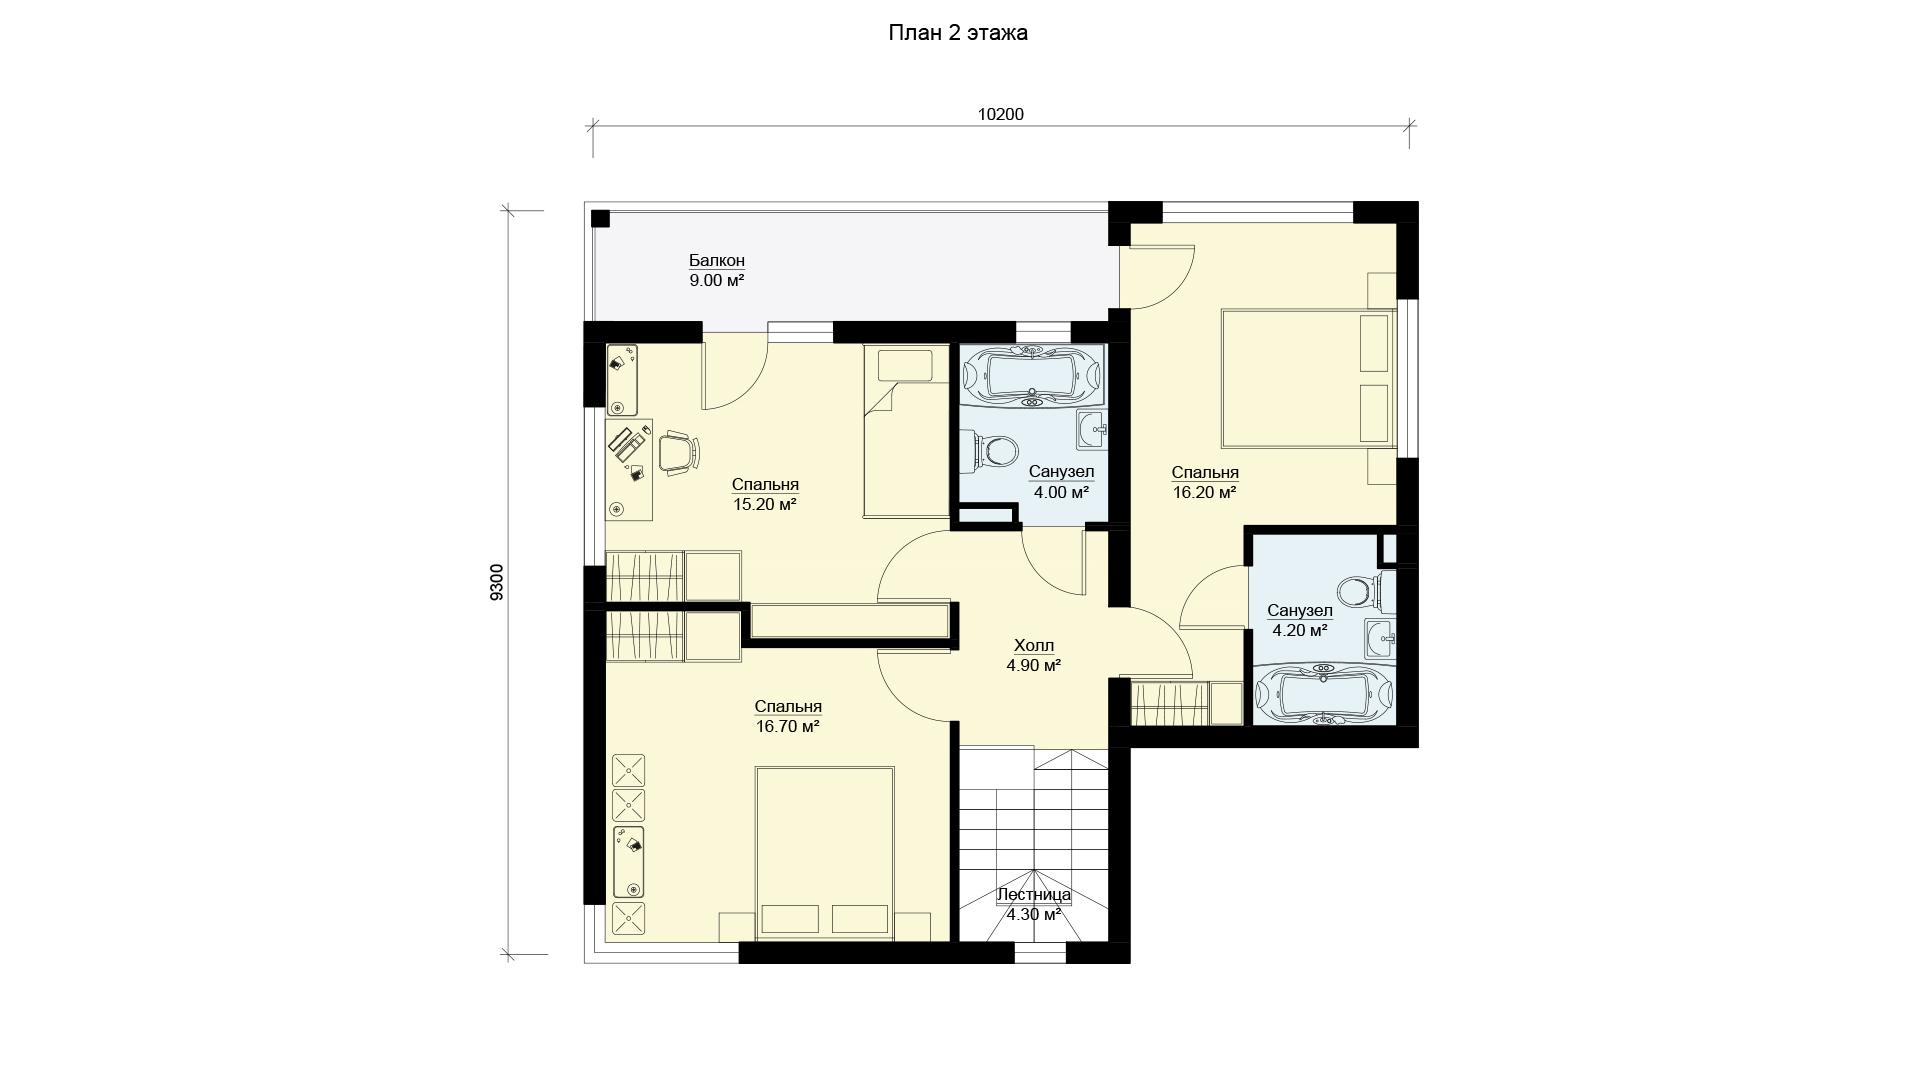 Планировка второго этажа коттеджа МС-186/1 в Истринском районе Подмосковья. Коттеджный поселок Берег Песочной.